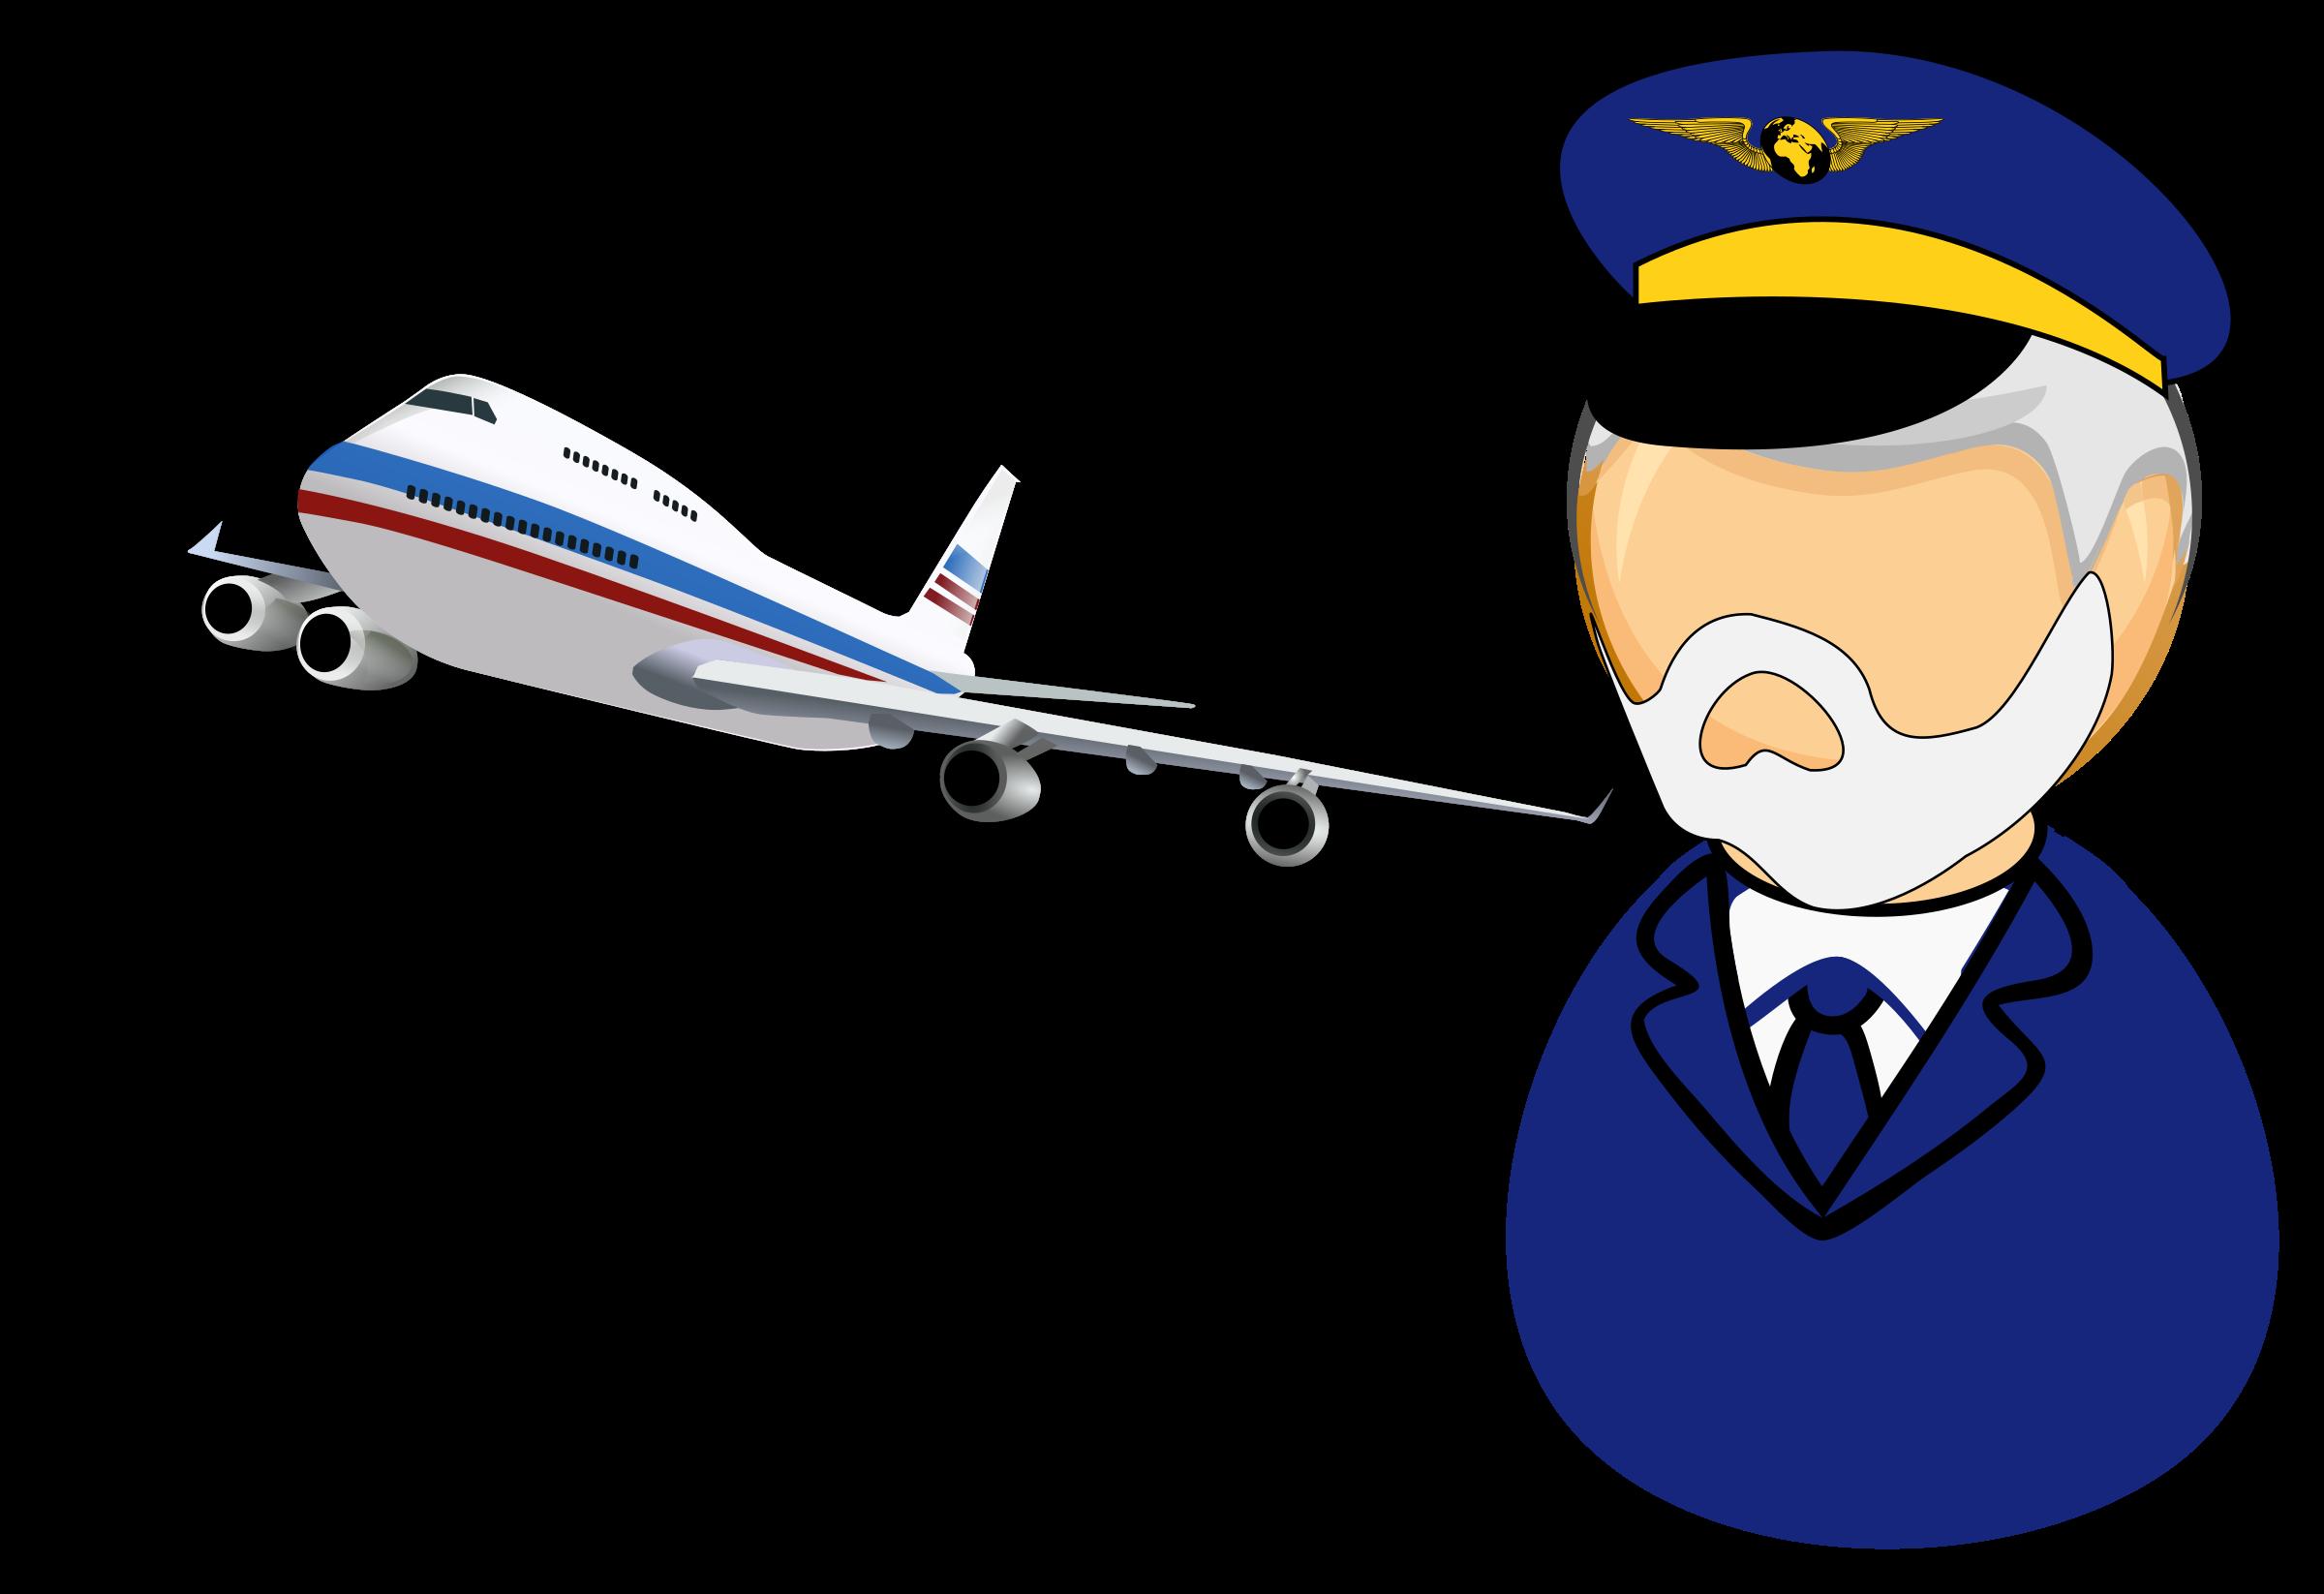 Pilot clipart airline pilot, Pilot airline pilot Transparent.